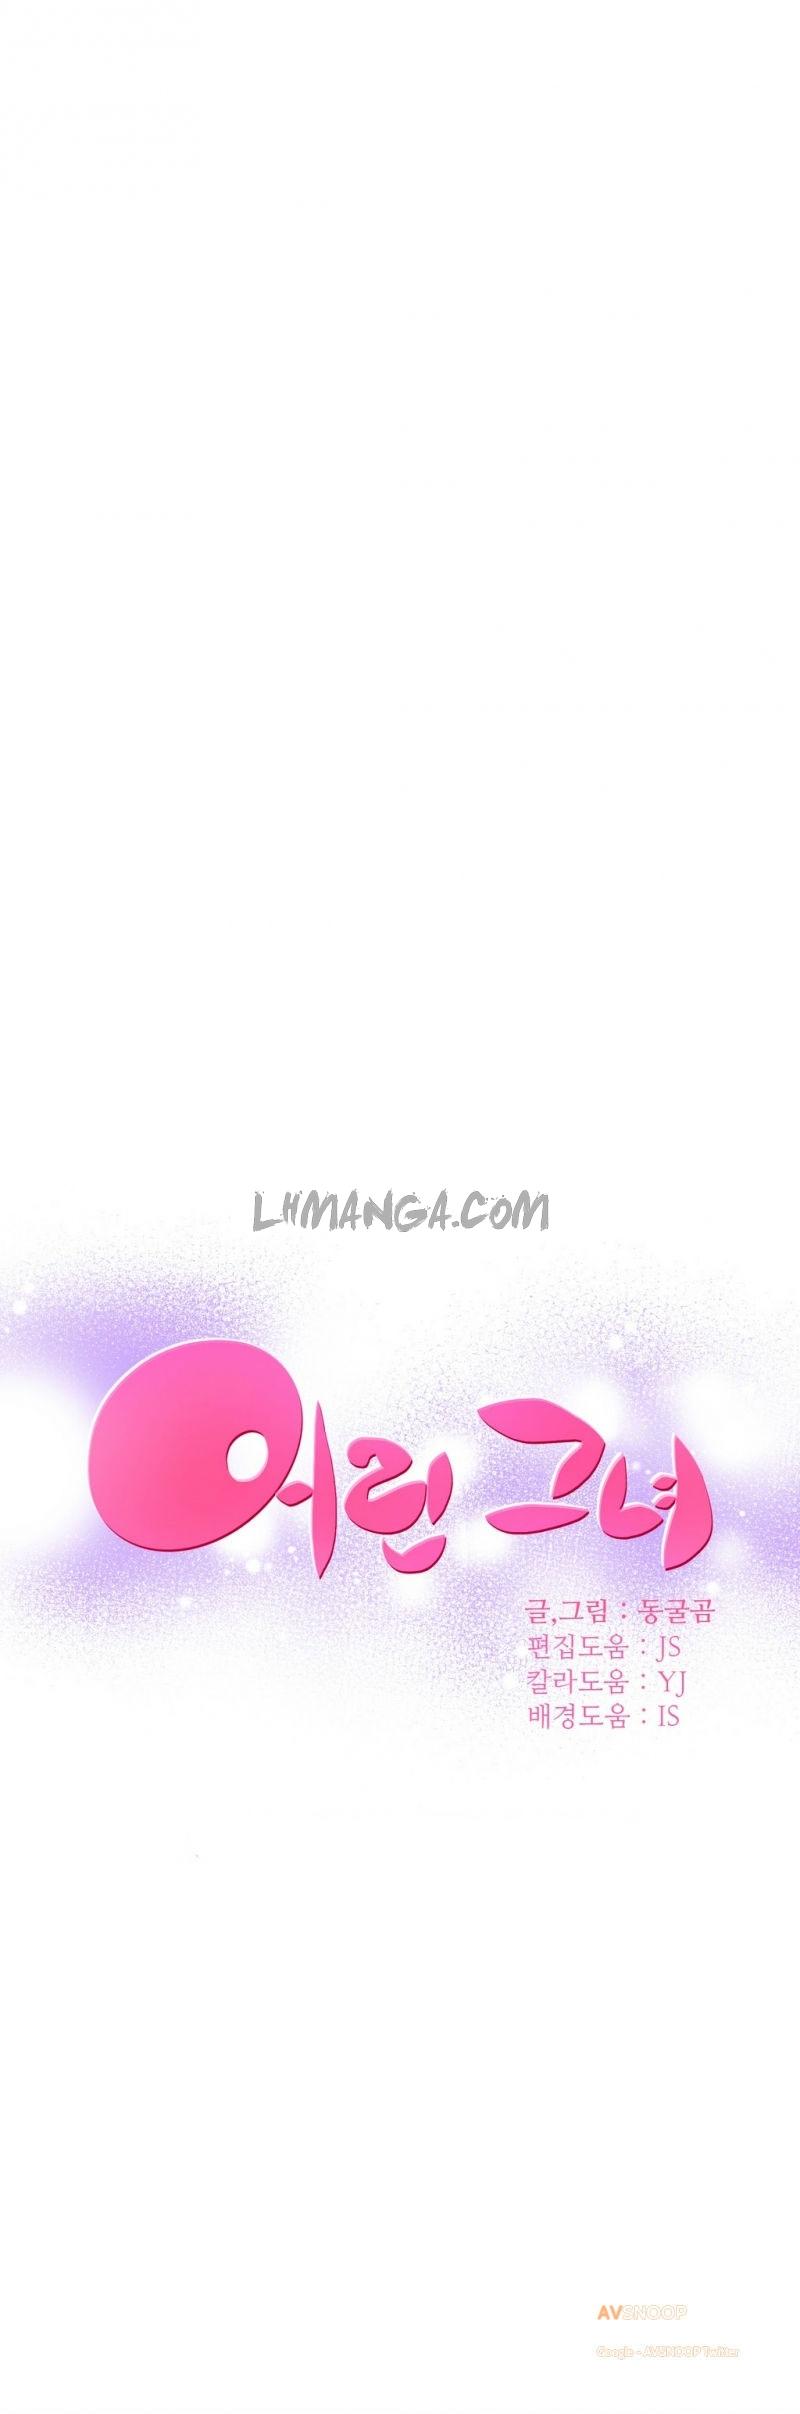 Hình ảnh HINH_00 in [Siêu phẩm Hentai] Little Girl Full